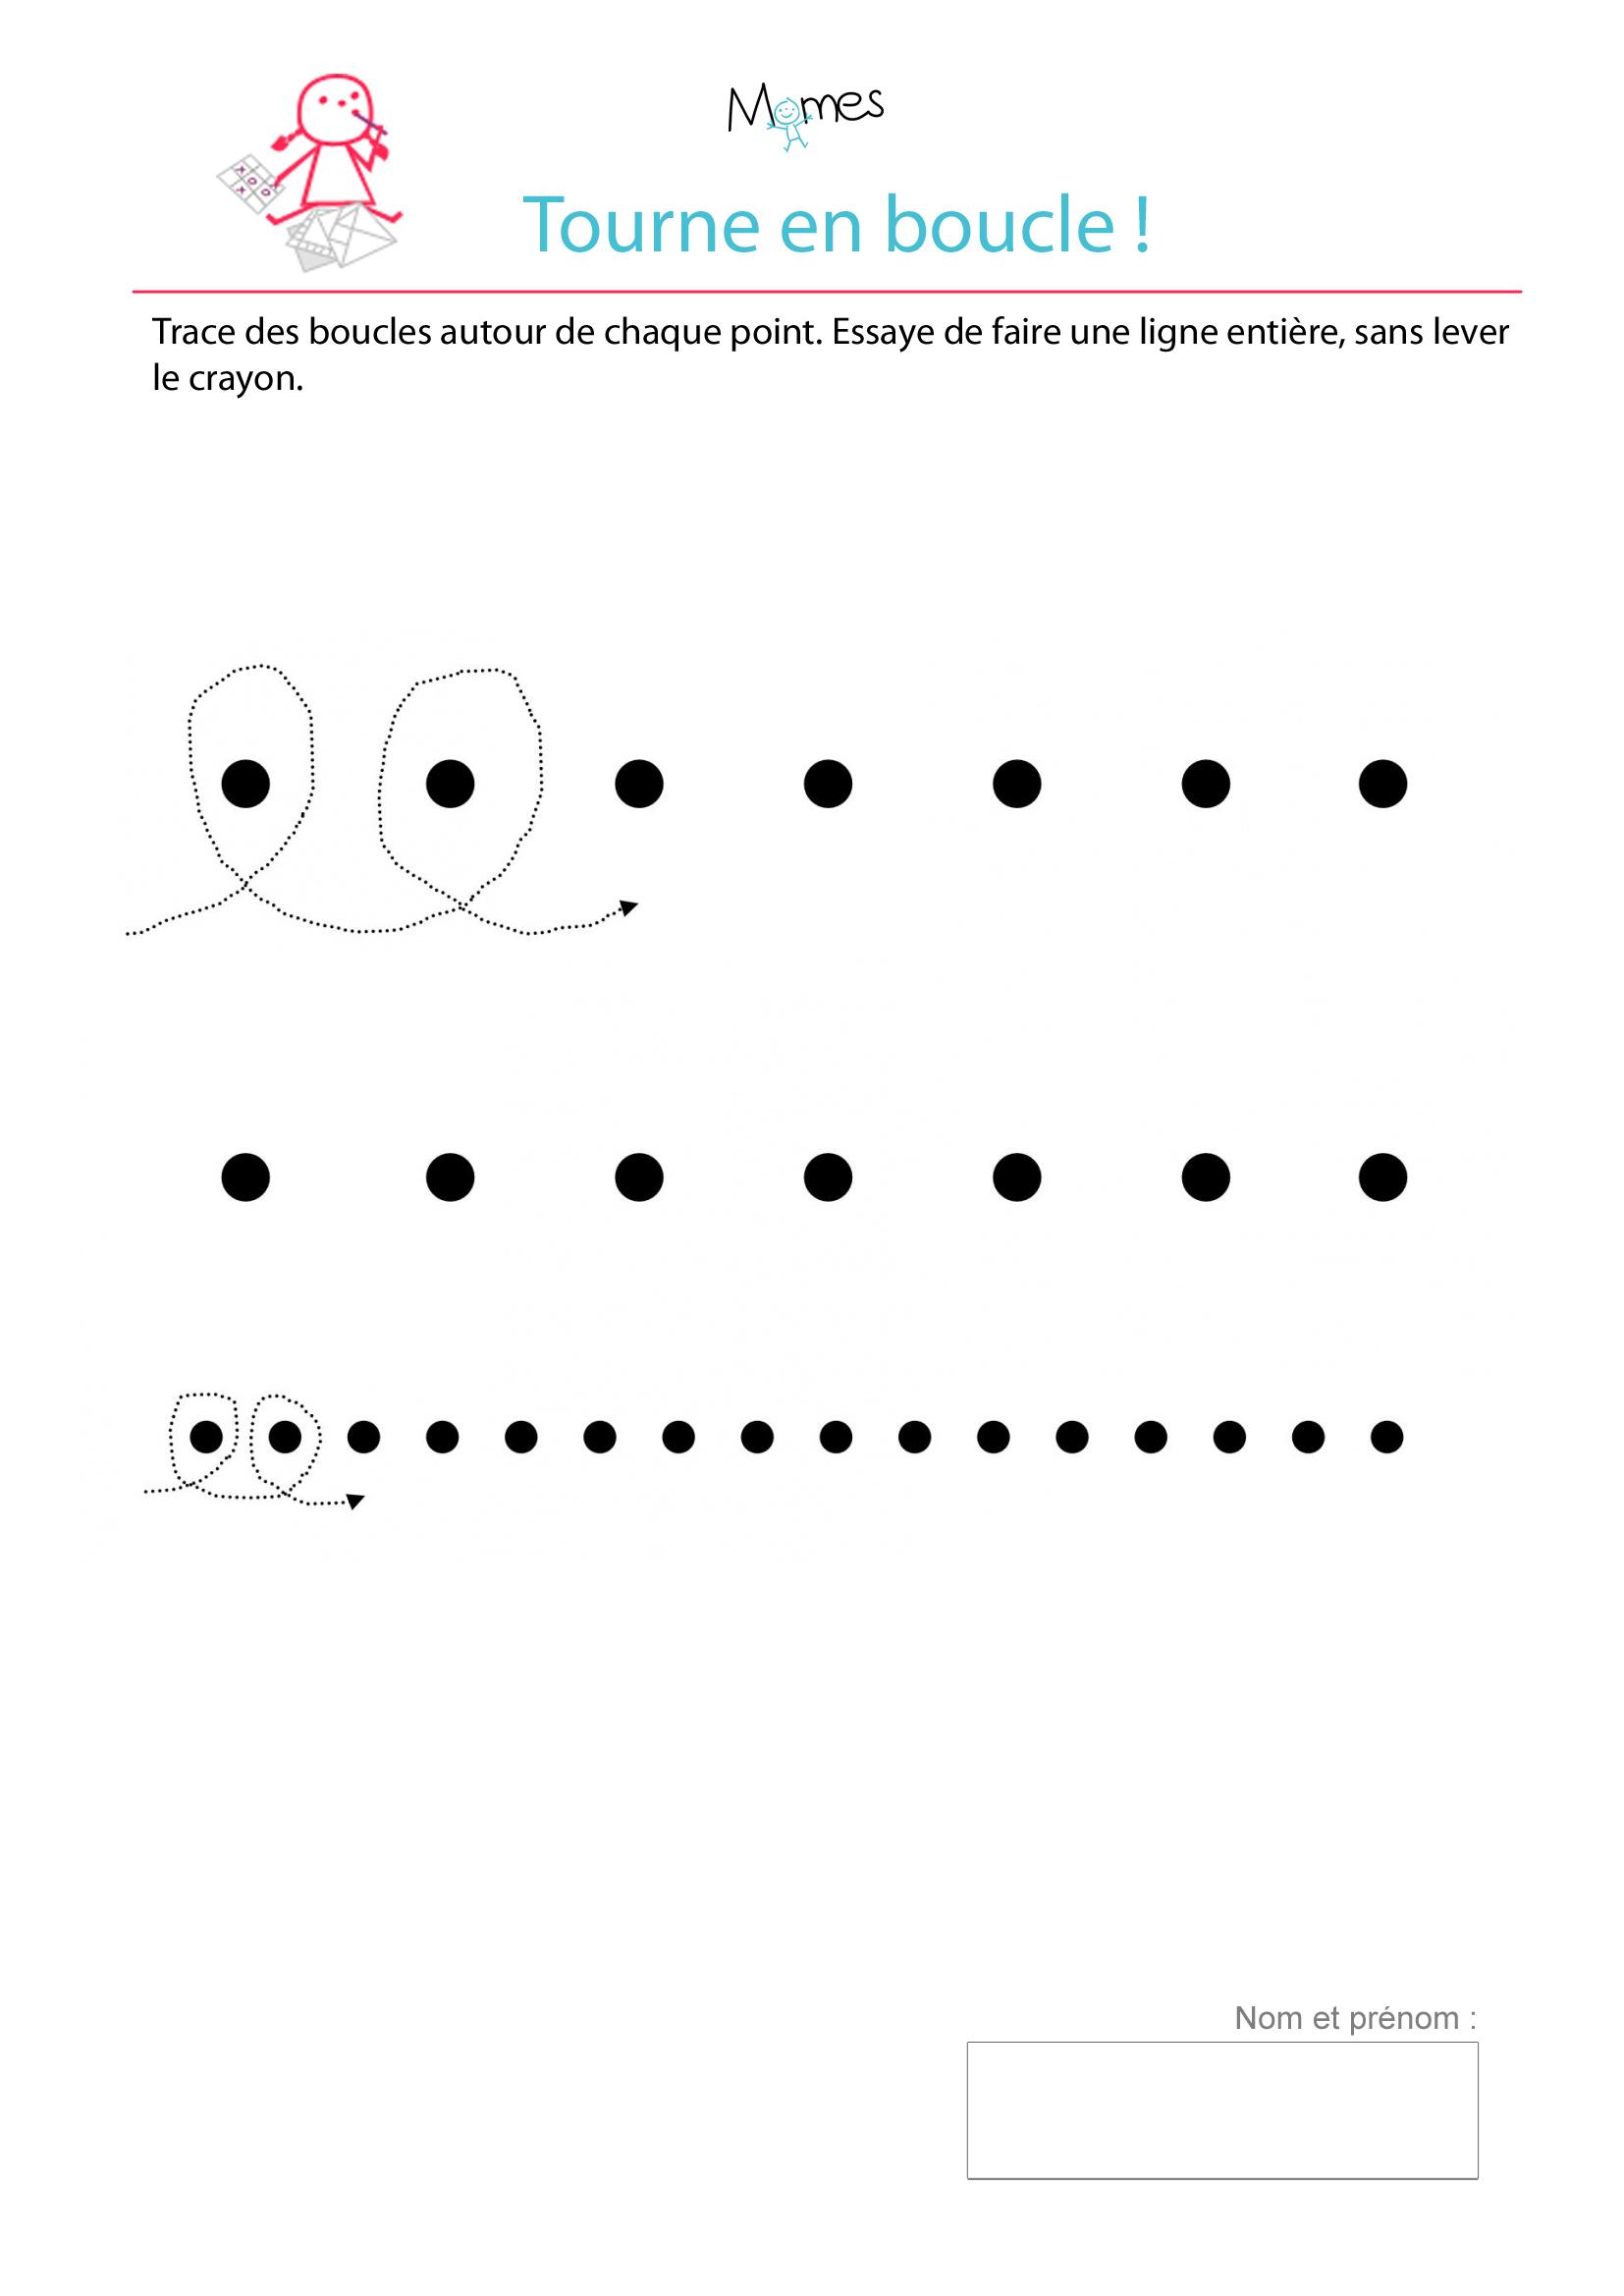 Très Exercice d'écriture : tracer des boucles autour de points - Momes.net KG84